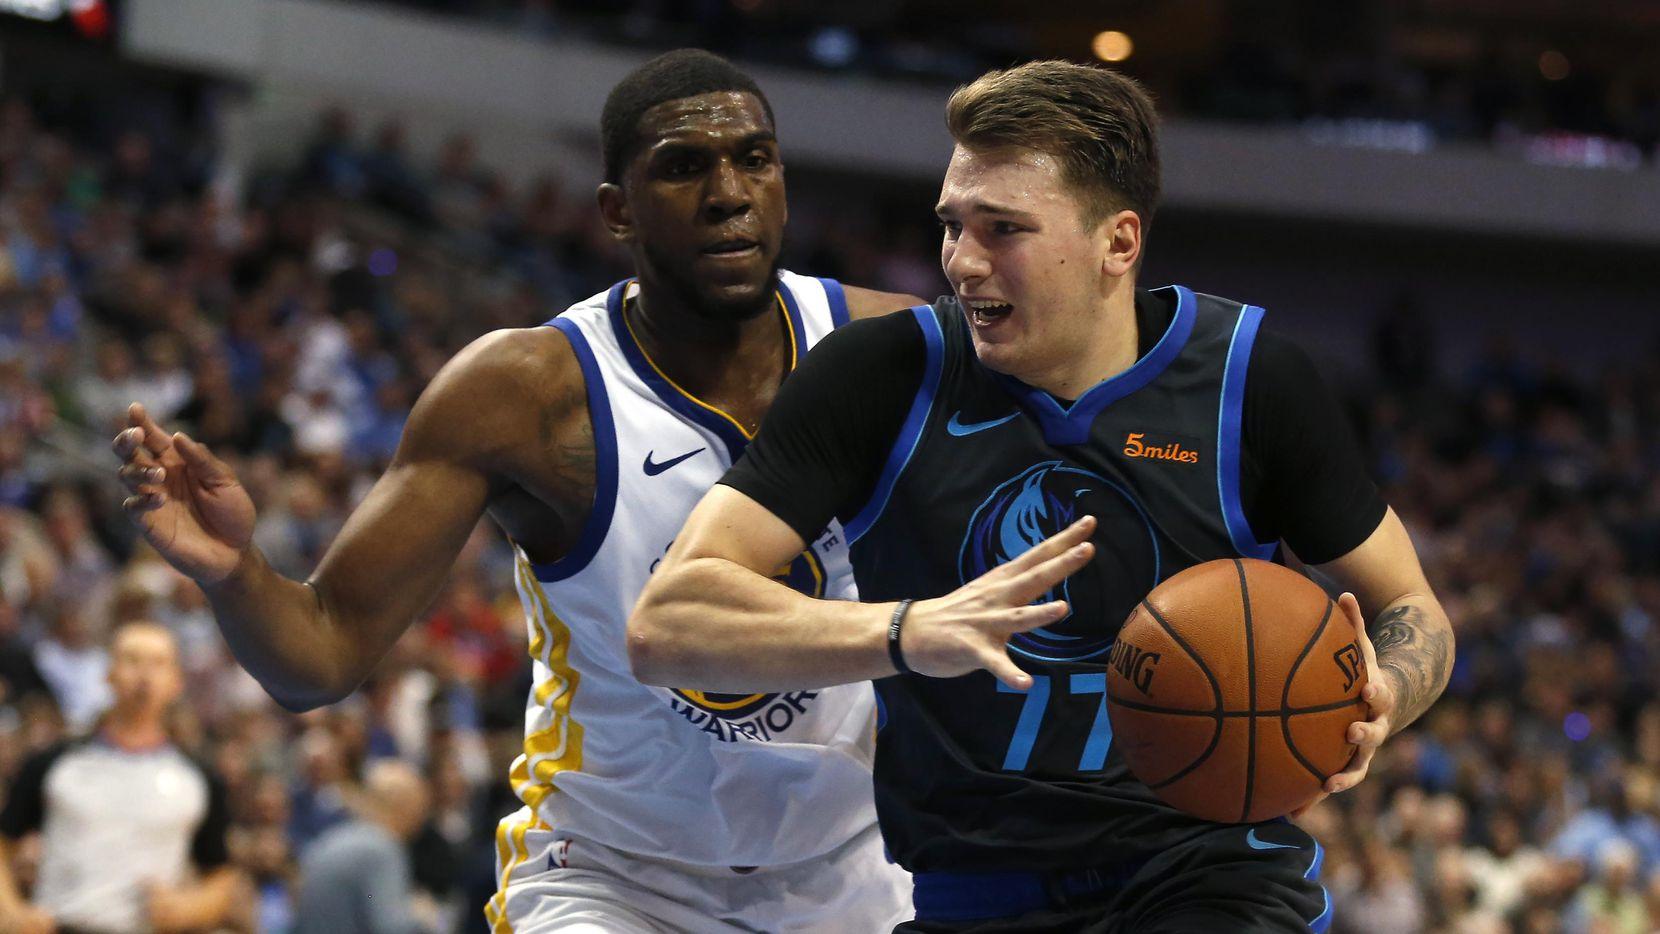 Luka Doncic (77) era del interés de los Mavericks desde que tenía 14 años. (AP/Ron Jenkins)